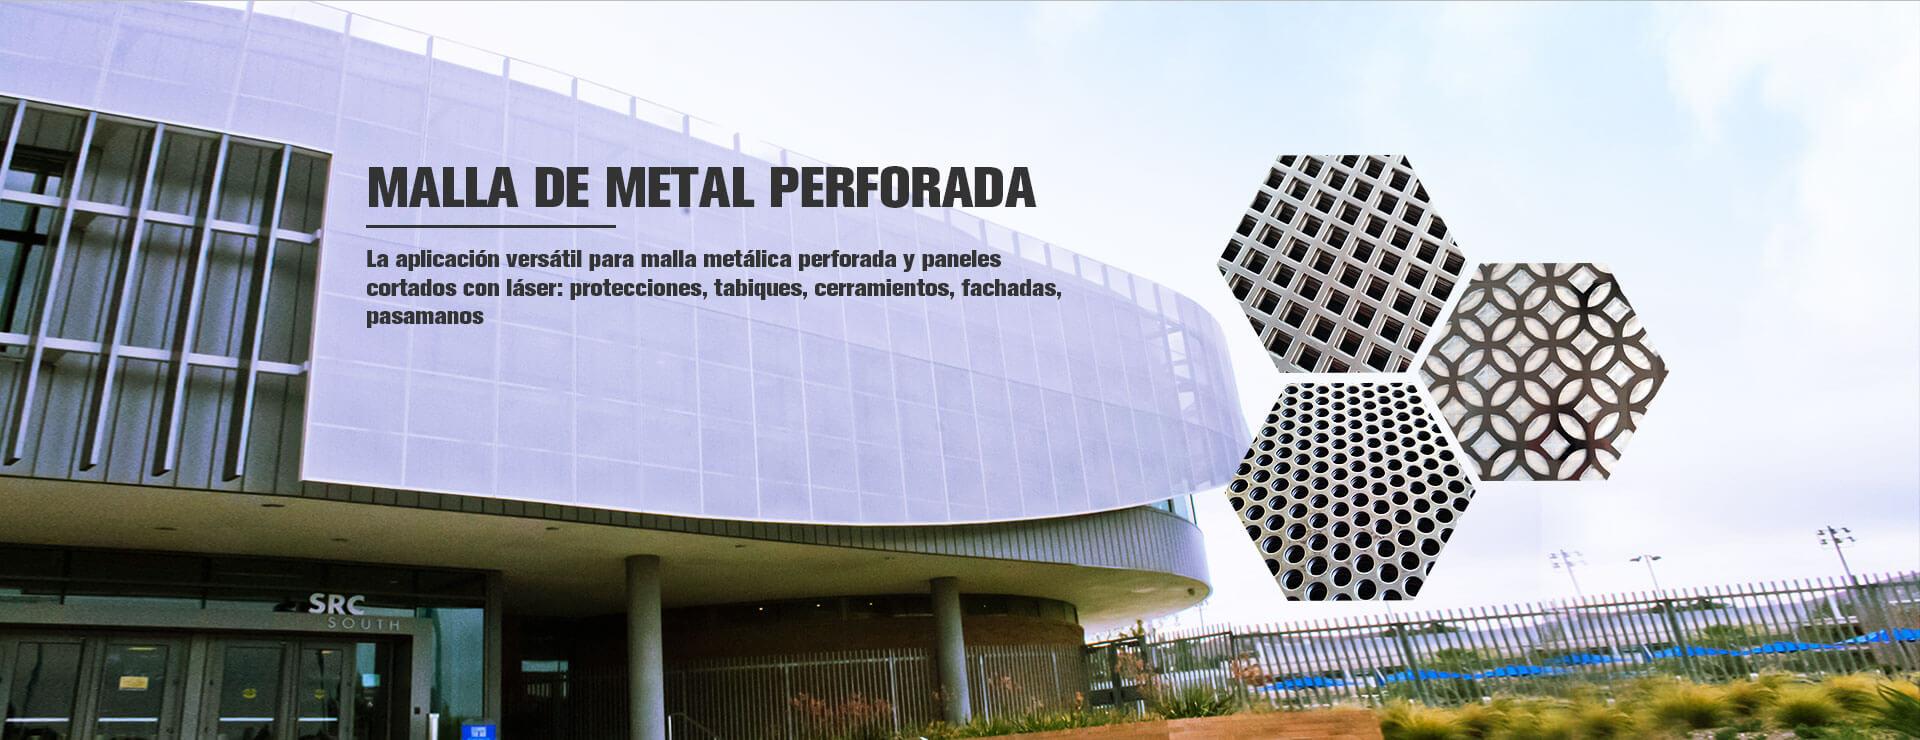 Malla Metálica Perforada